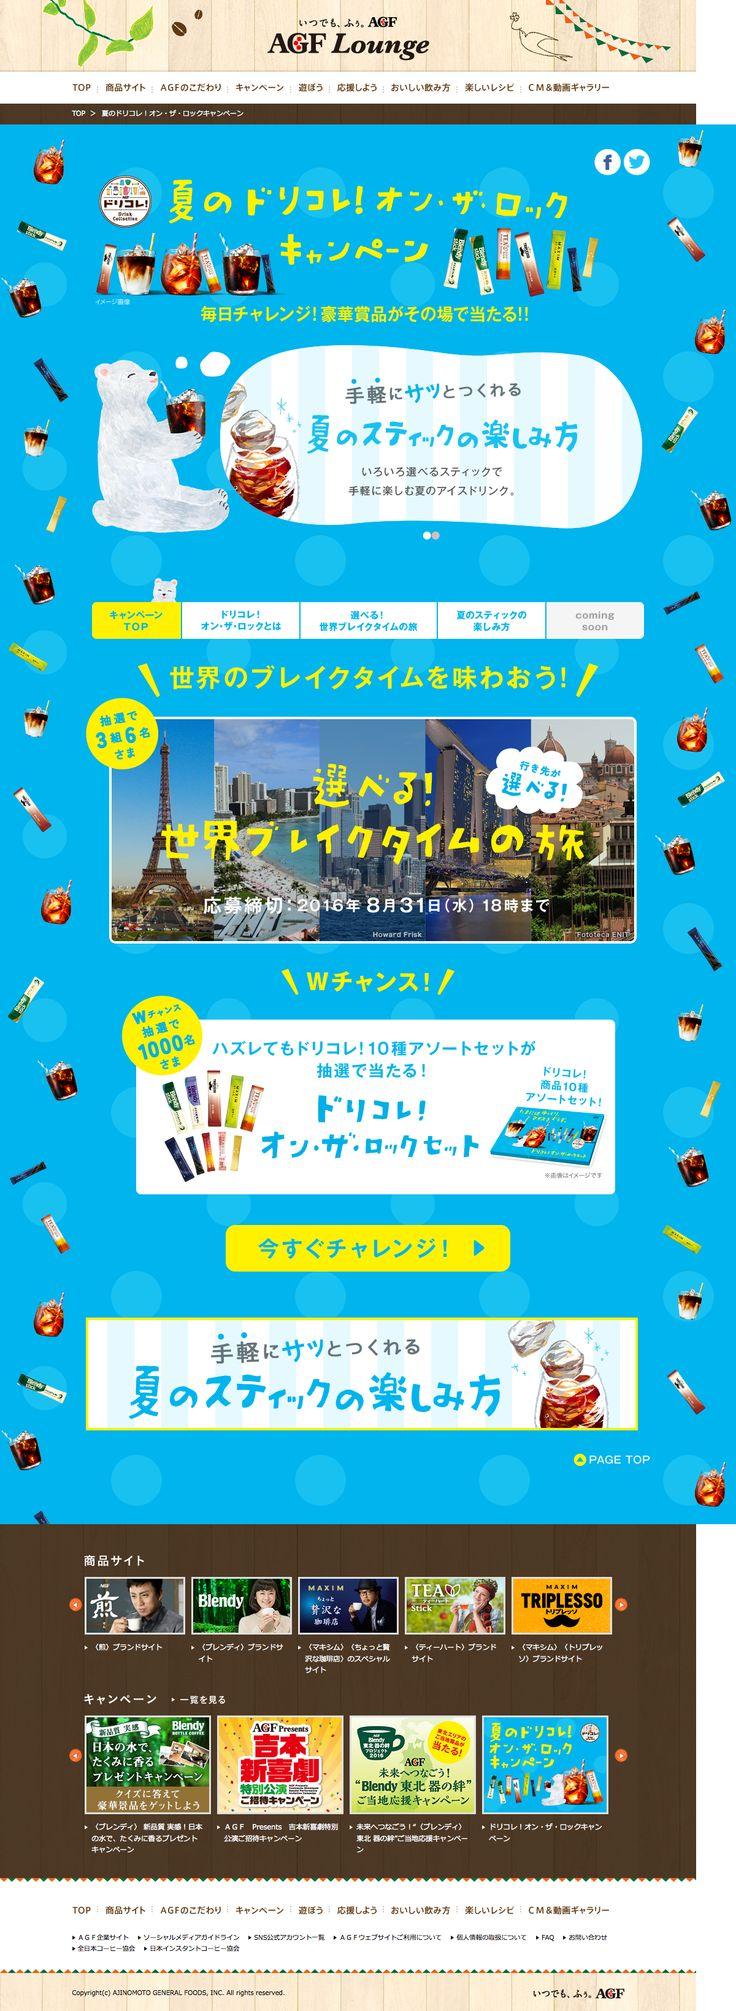 夏のドリコレ!オン・ザ・ロックキャンペーン[AGF]- にぎやかな感じでかわいい♡|webdesign, design, campaign, blue, yellow, summer